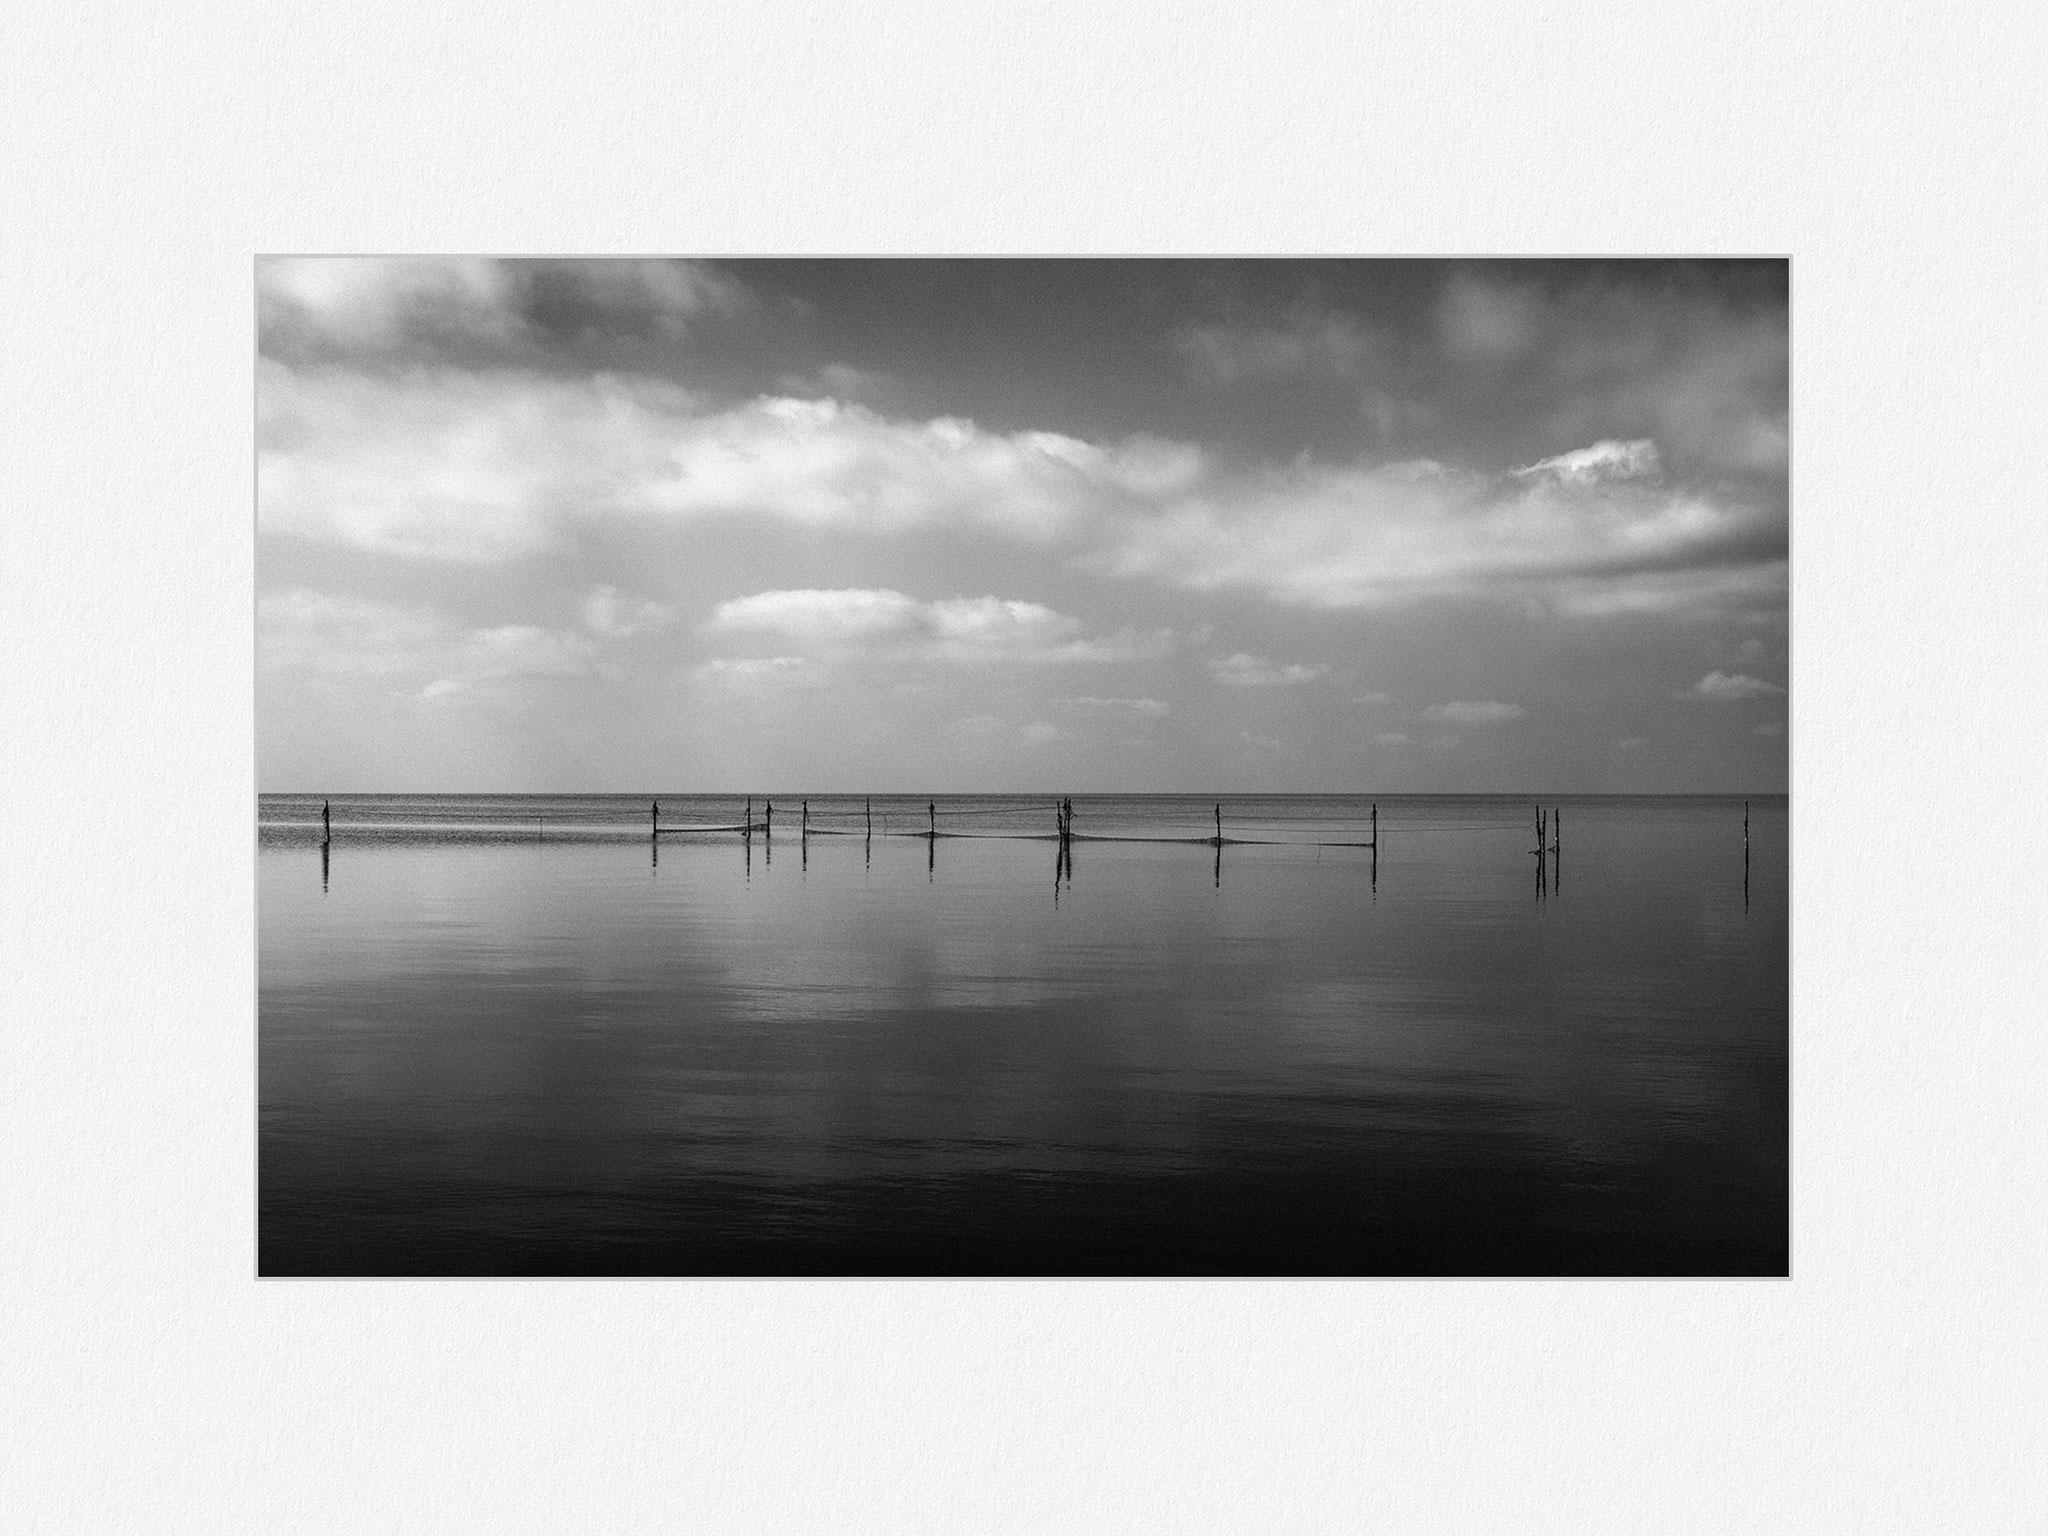 IJsselmeer, Breezanddijk, 2016 [No.2] – © Oliver G. Miller